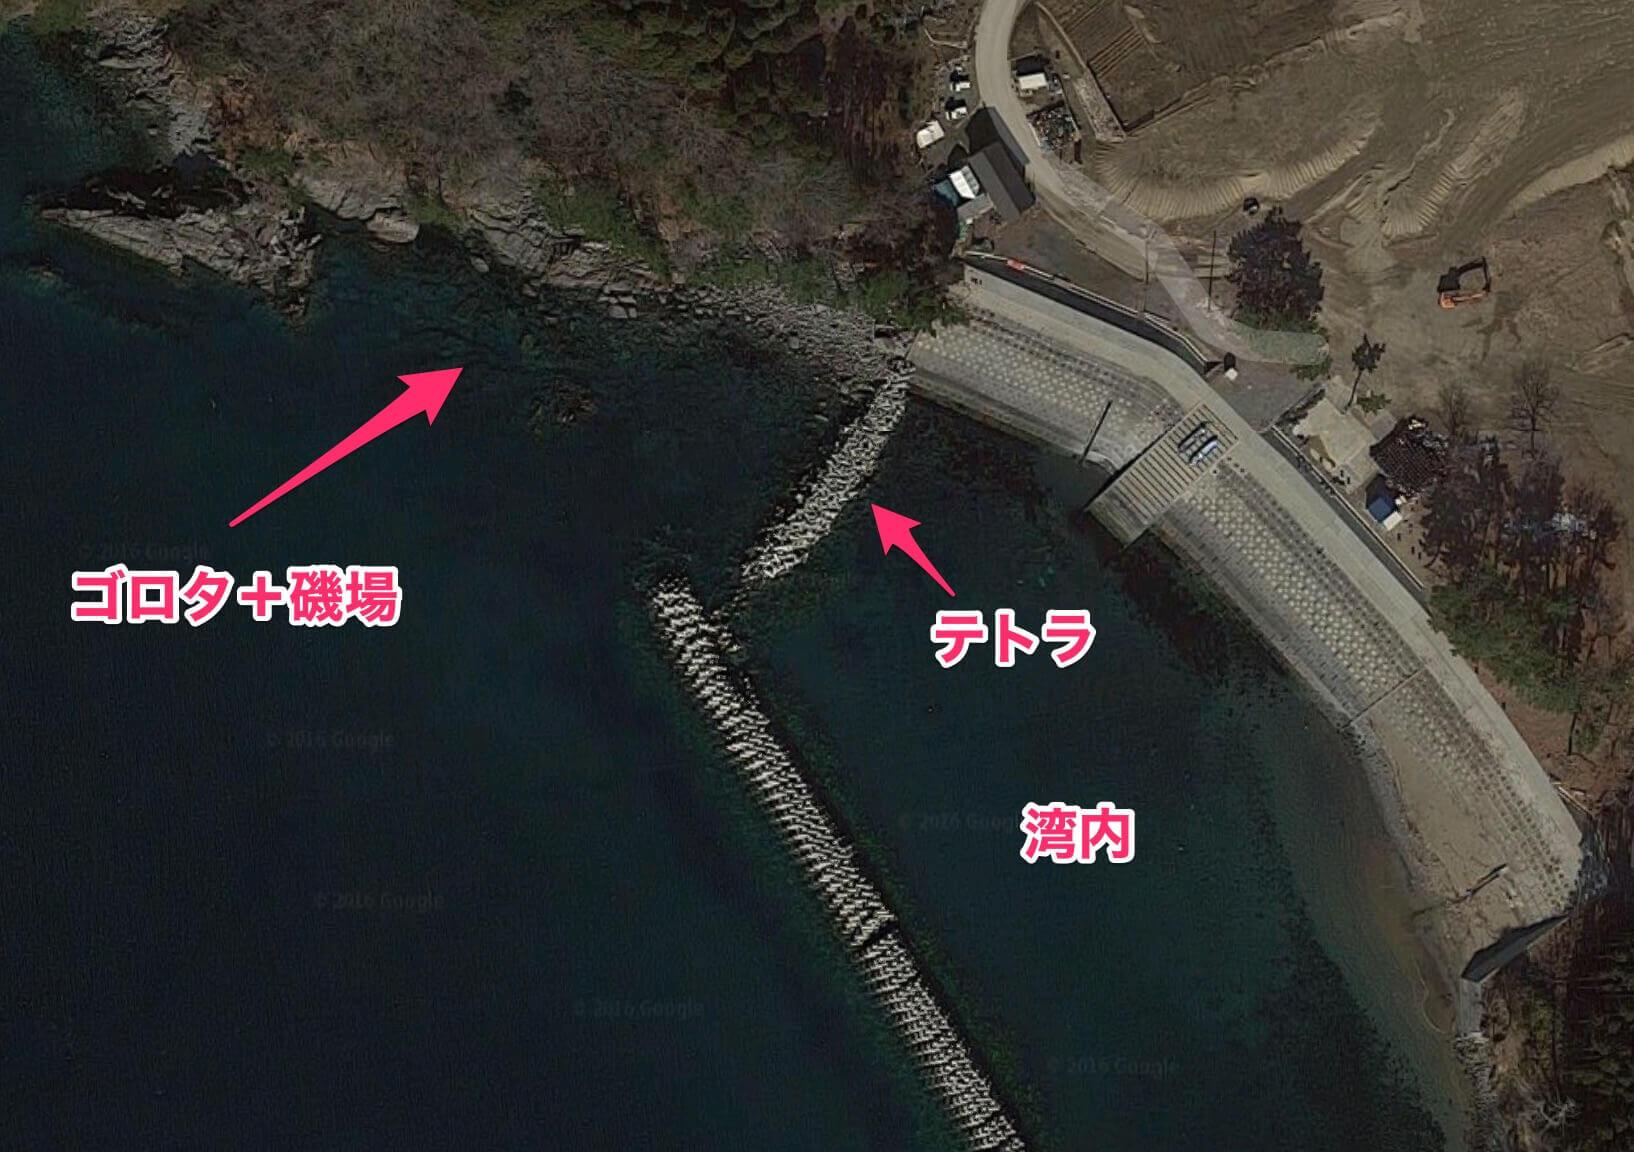 Google_マップ_御城林漁港